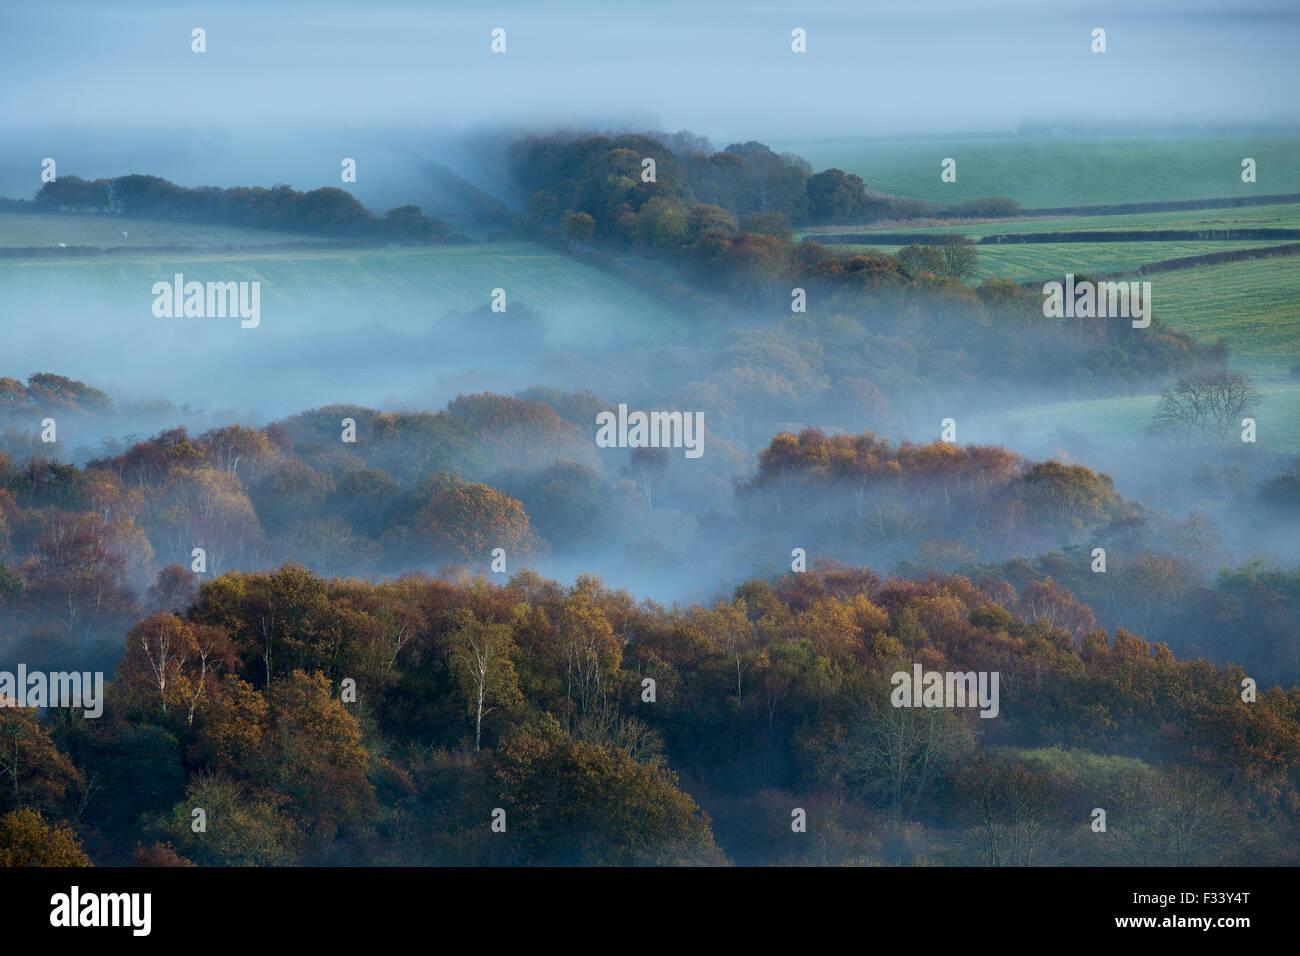 ein nebliger Morgen auf der Isle of Purbeck nr Corfe Castle, Dorset, England Stockbild